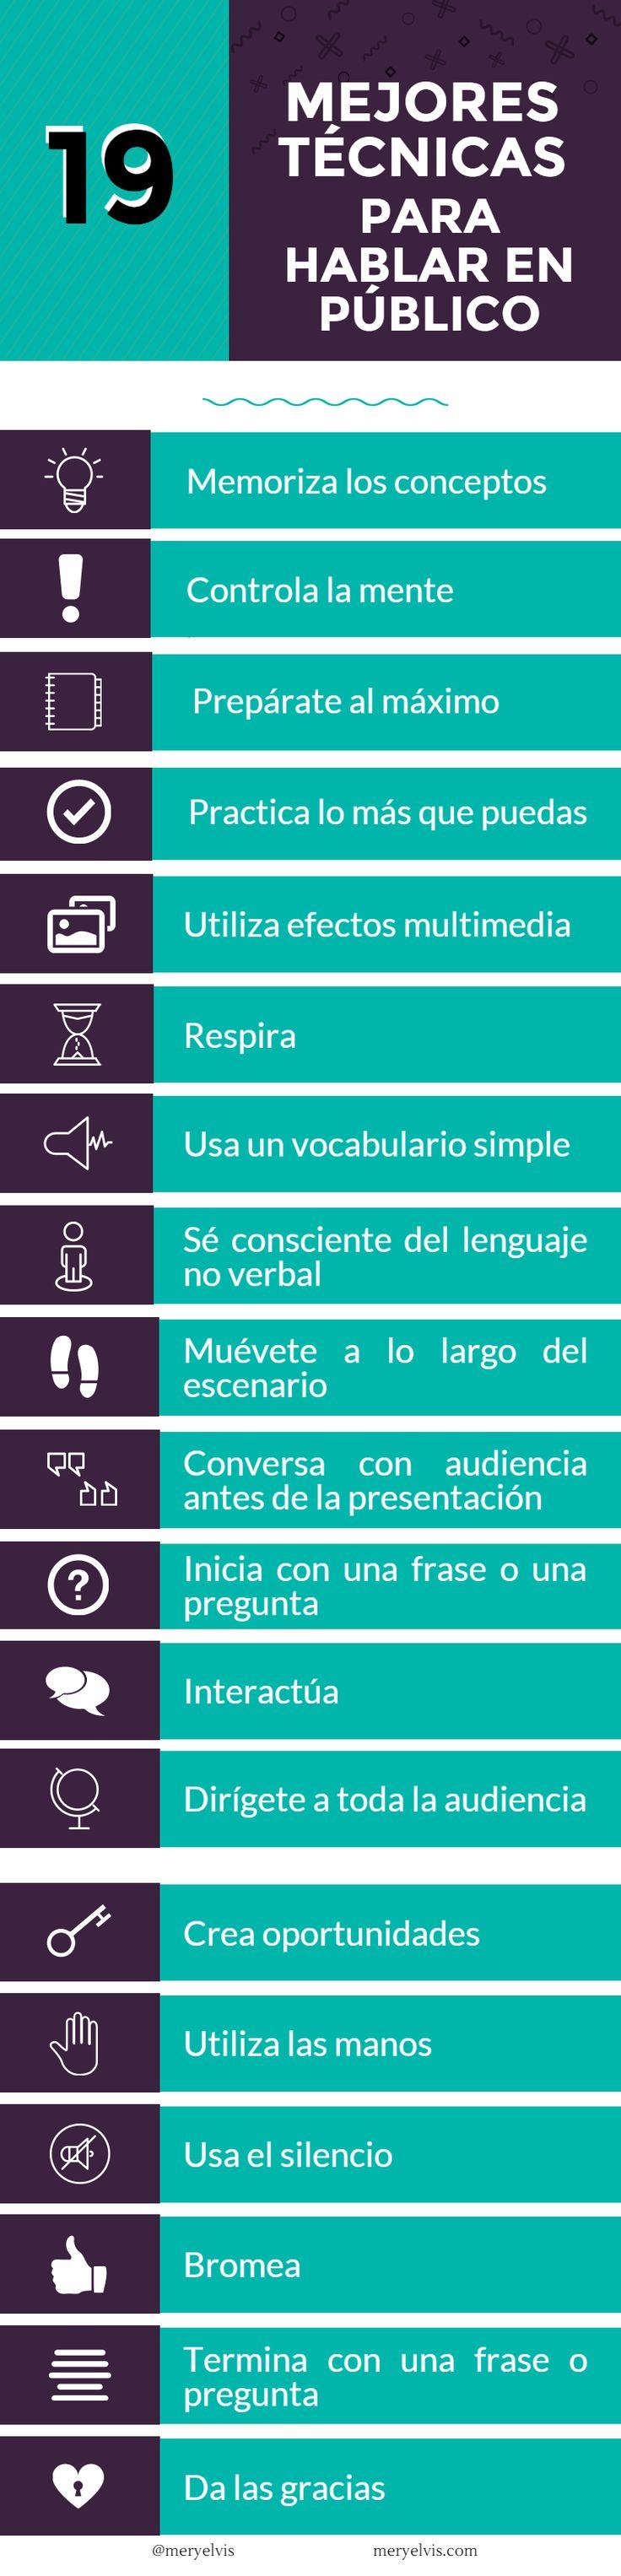 Las 19 mejores técnicas para hablar en público